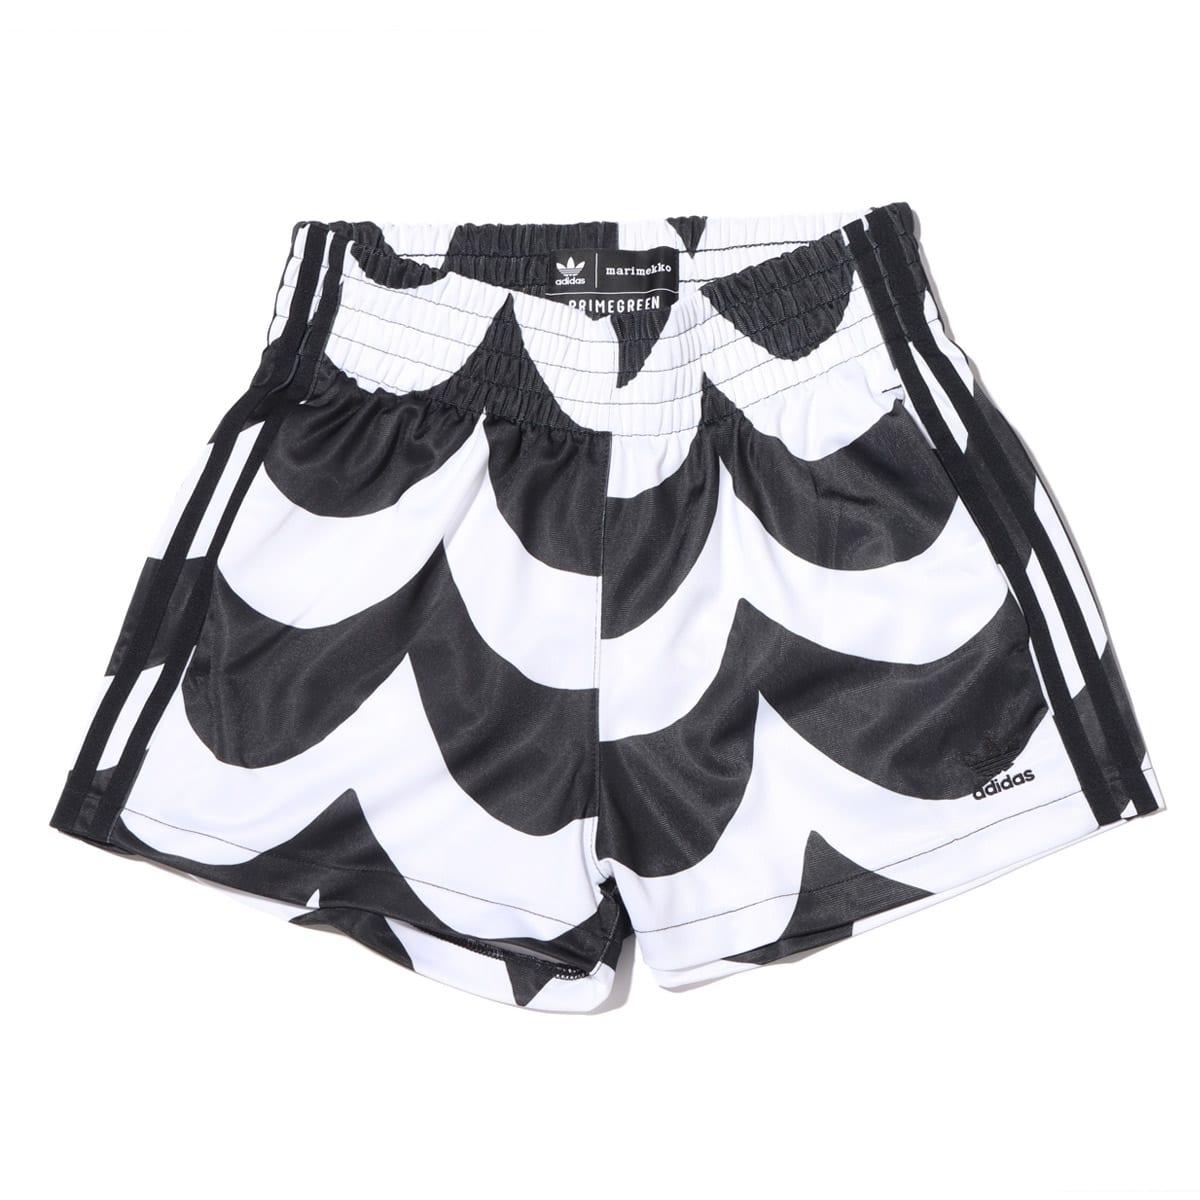 adidas Marimekko SHORT BLACK/WHITE 21FW-S_photo_large